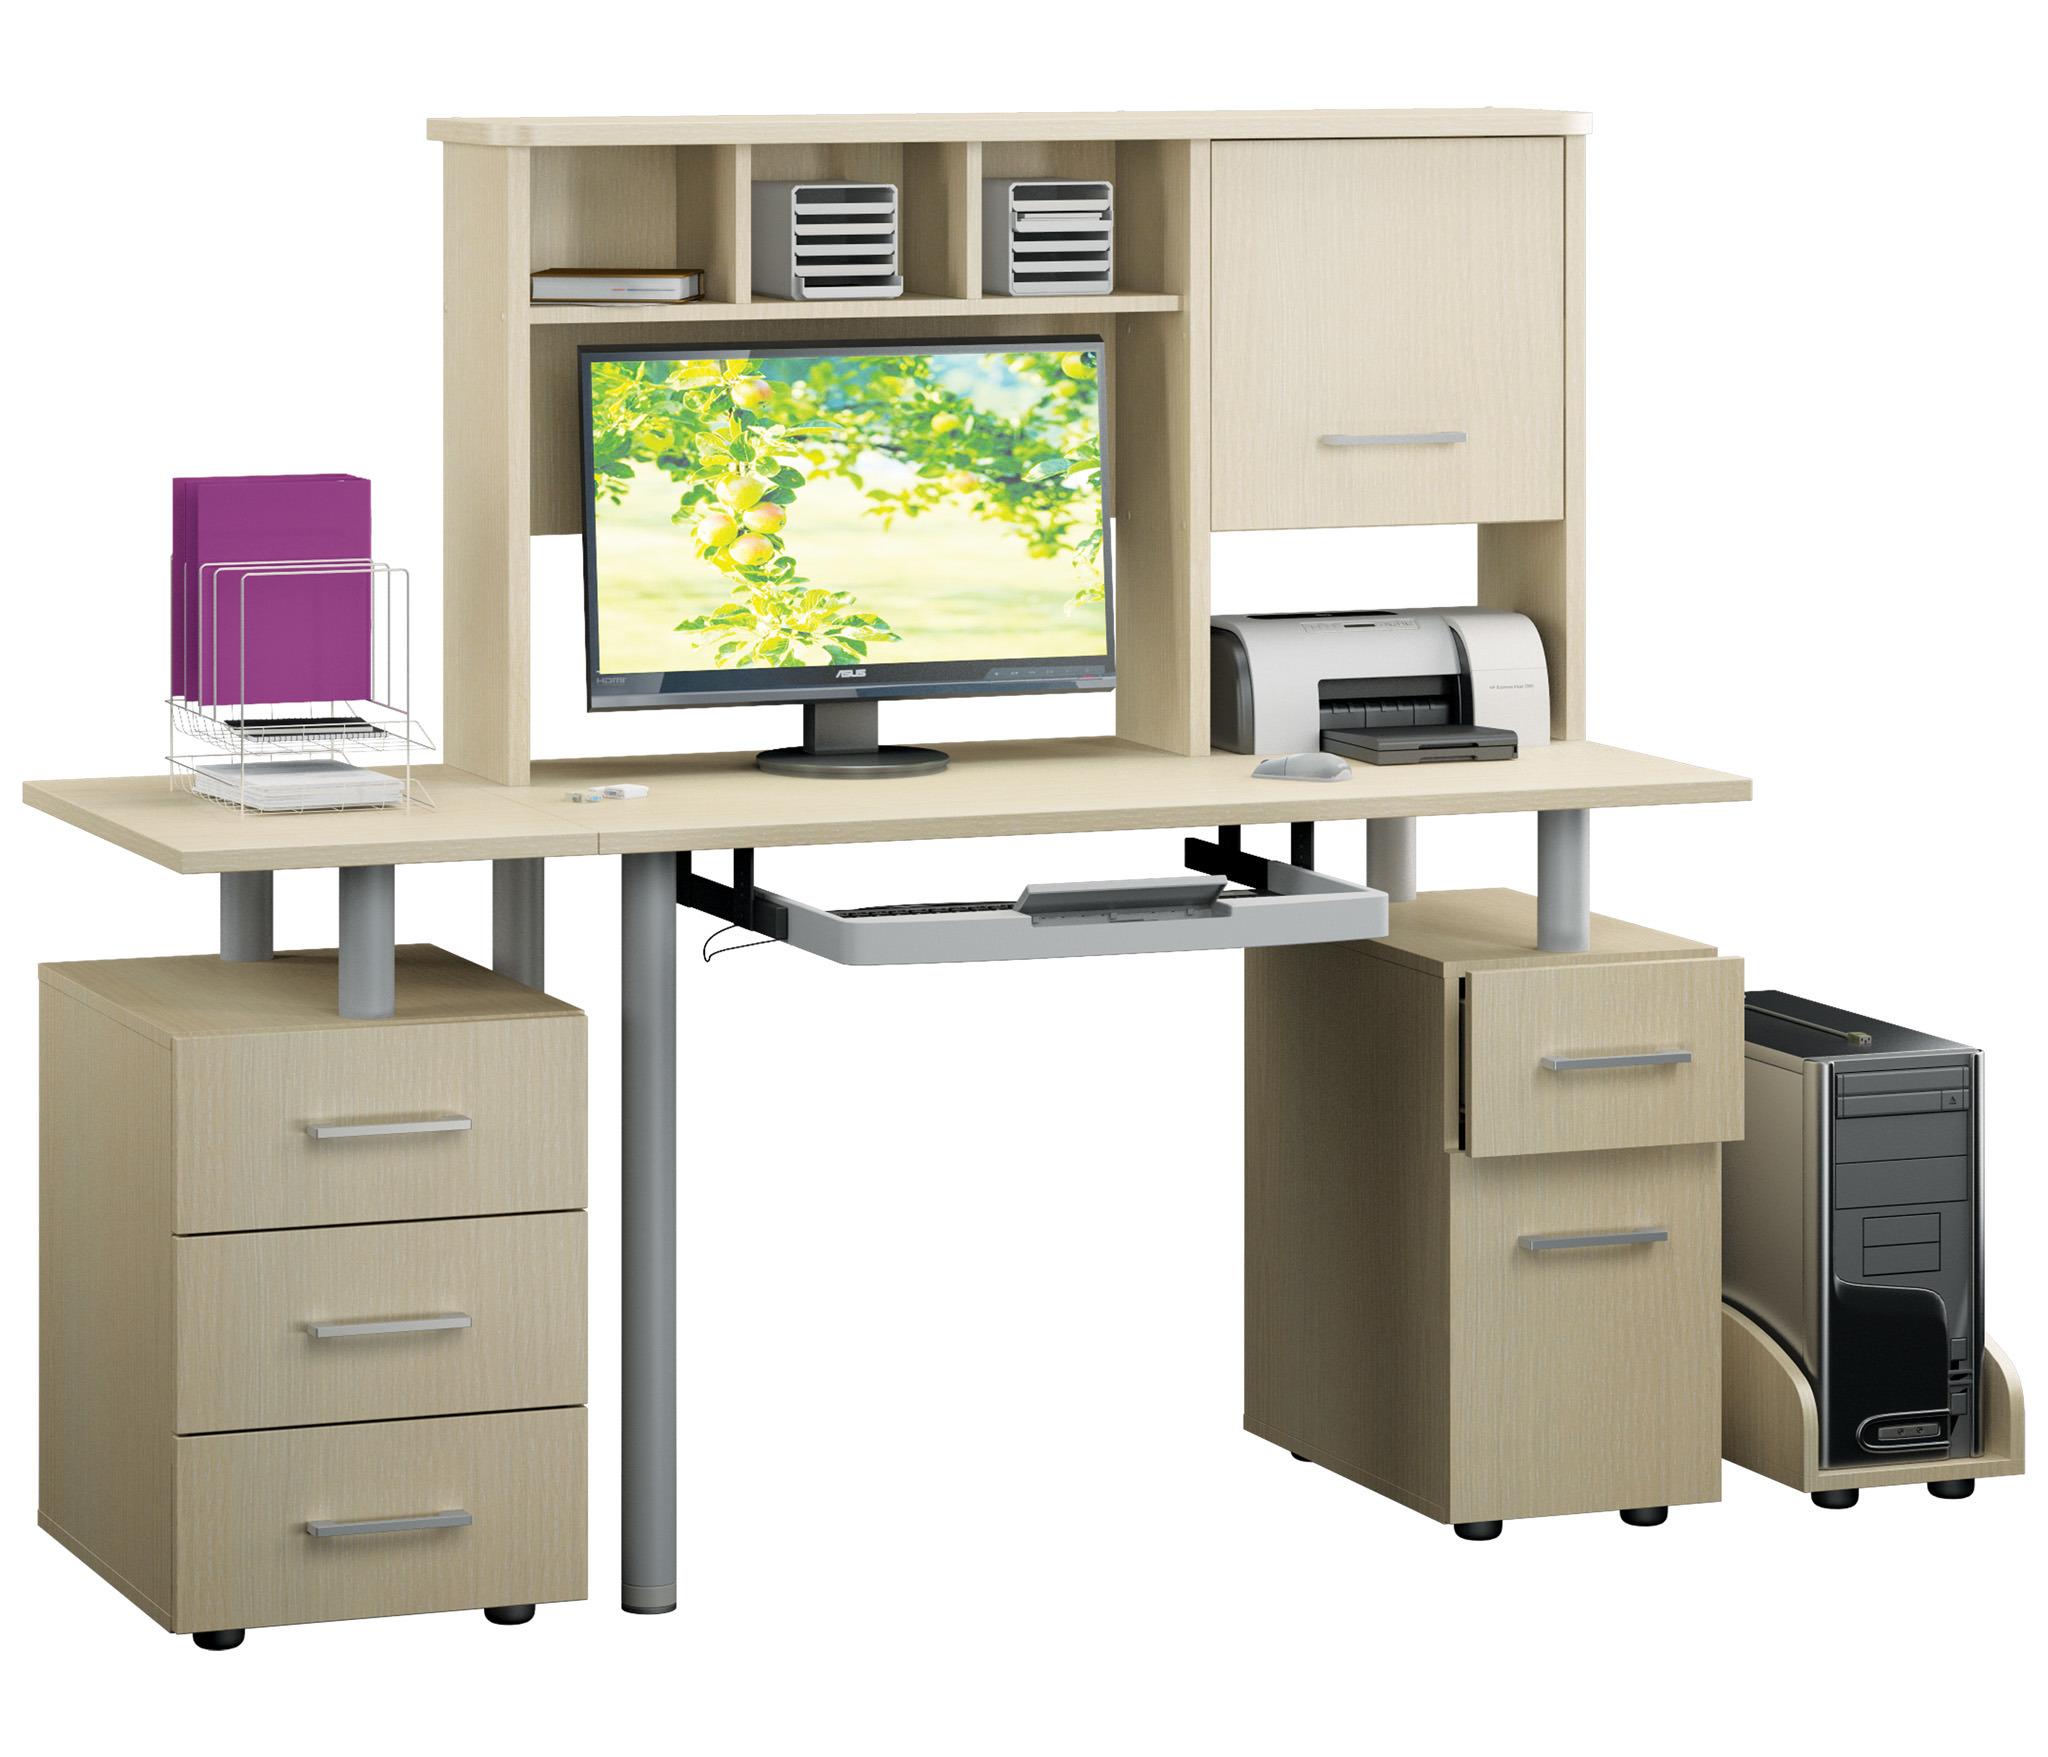 Техно компьютерный стол Дуб Кремона с выдвижной клавиатуройКомпьютерные<br>Компьютерный стол данной конфигурации окажется очень удобным и вместительным,благодаря нишам и ящикам, расположенным как в нижней части, так и наверху конструкции.<br><br>Длина мм: 1600<br>Высота мм: 1400<br>Глубина мм: 600